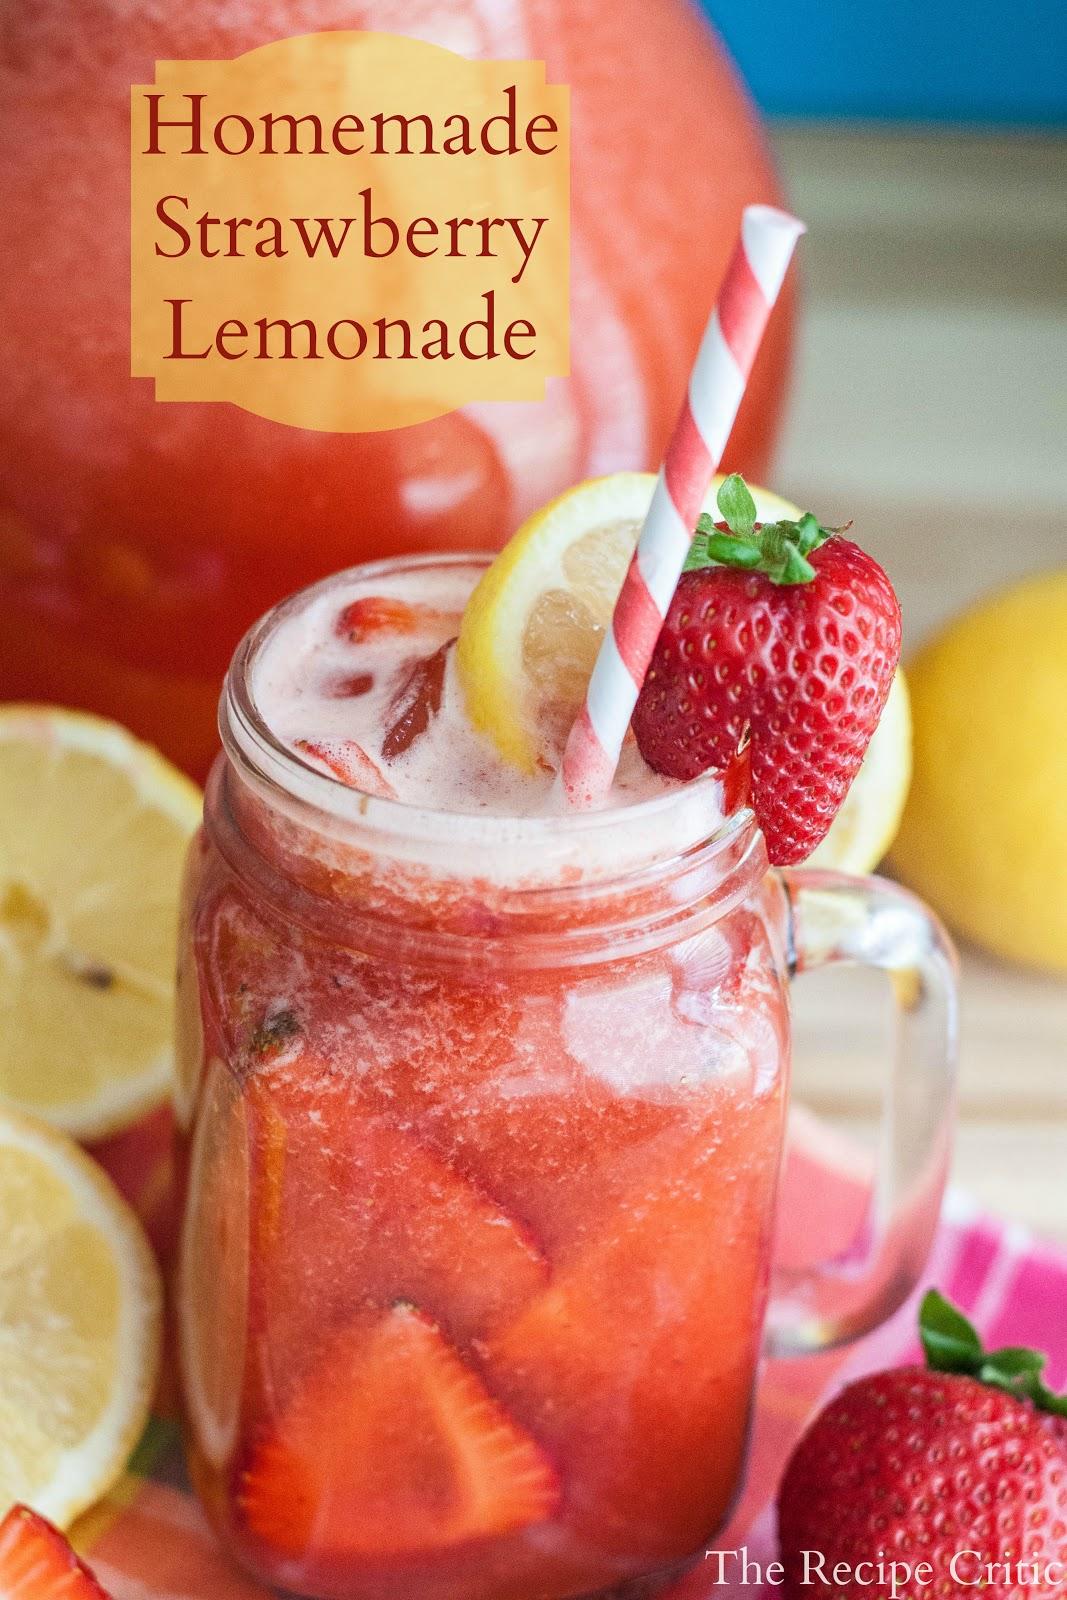 Homemade Strawberry Lemonade Recipe #homemade #strawberry #lemonade #drinks #drinkrecipe